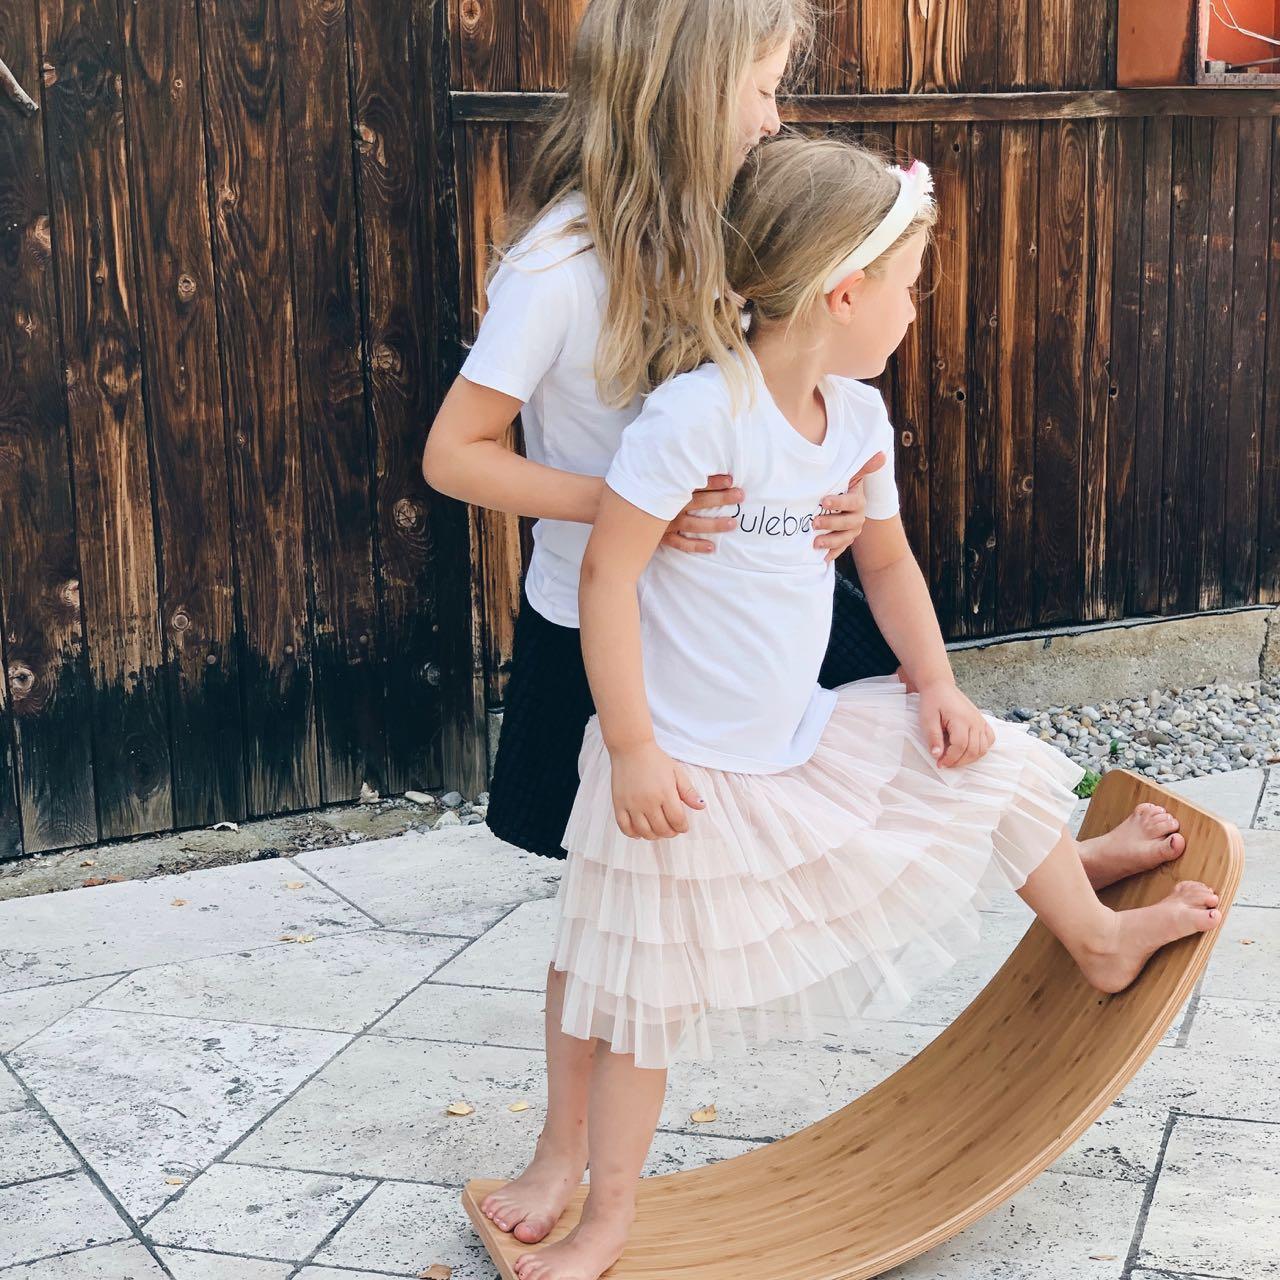 Kind 3 Jahre Spielzeug: Wobbel Board Kauf beachten MamaWahnsinn